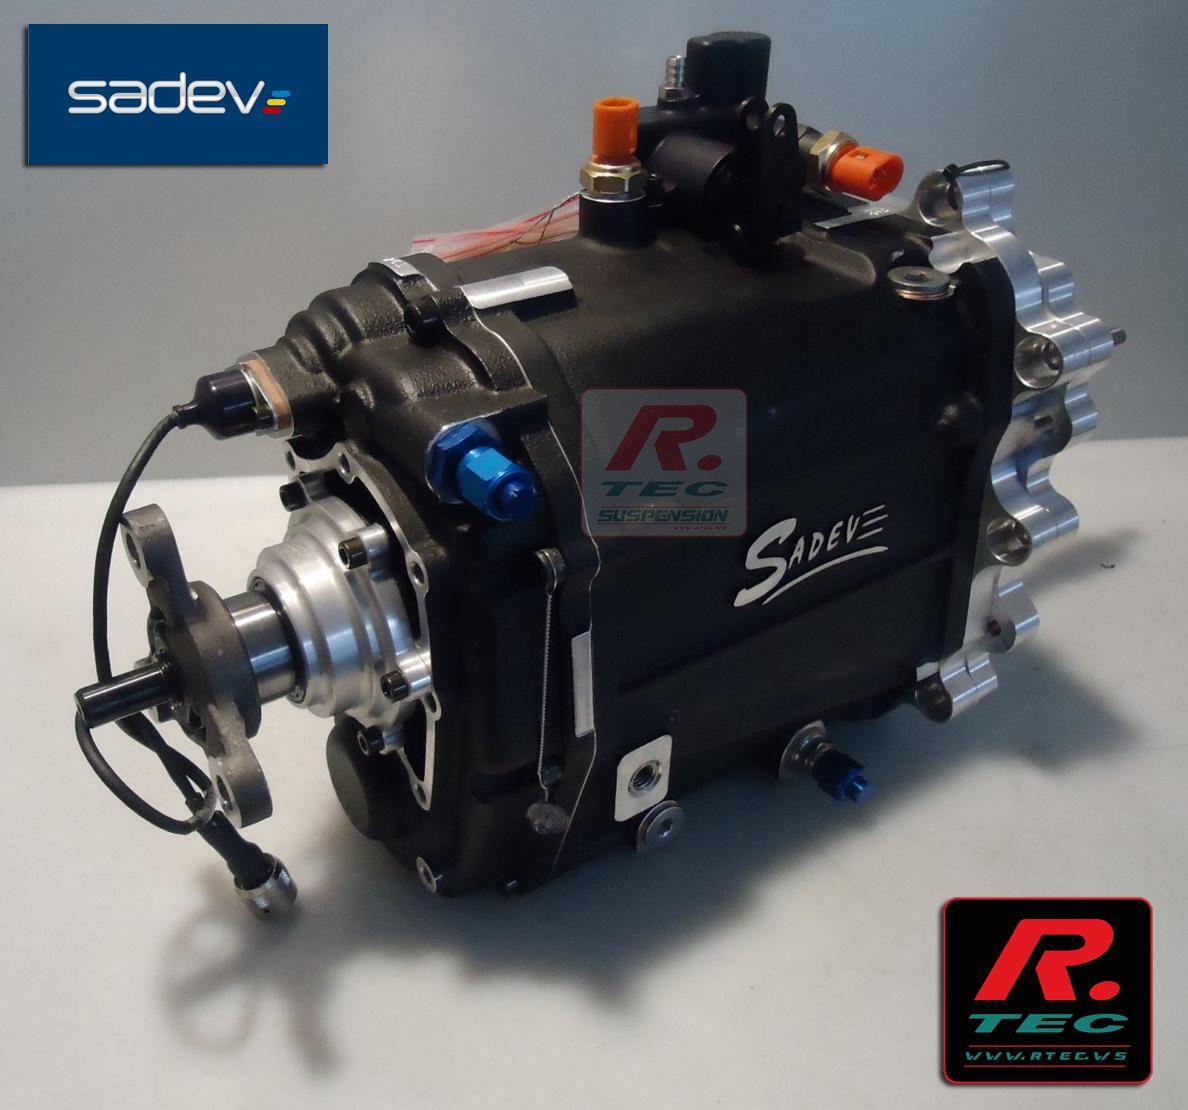 sadev-scl8217 | R  tec